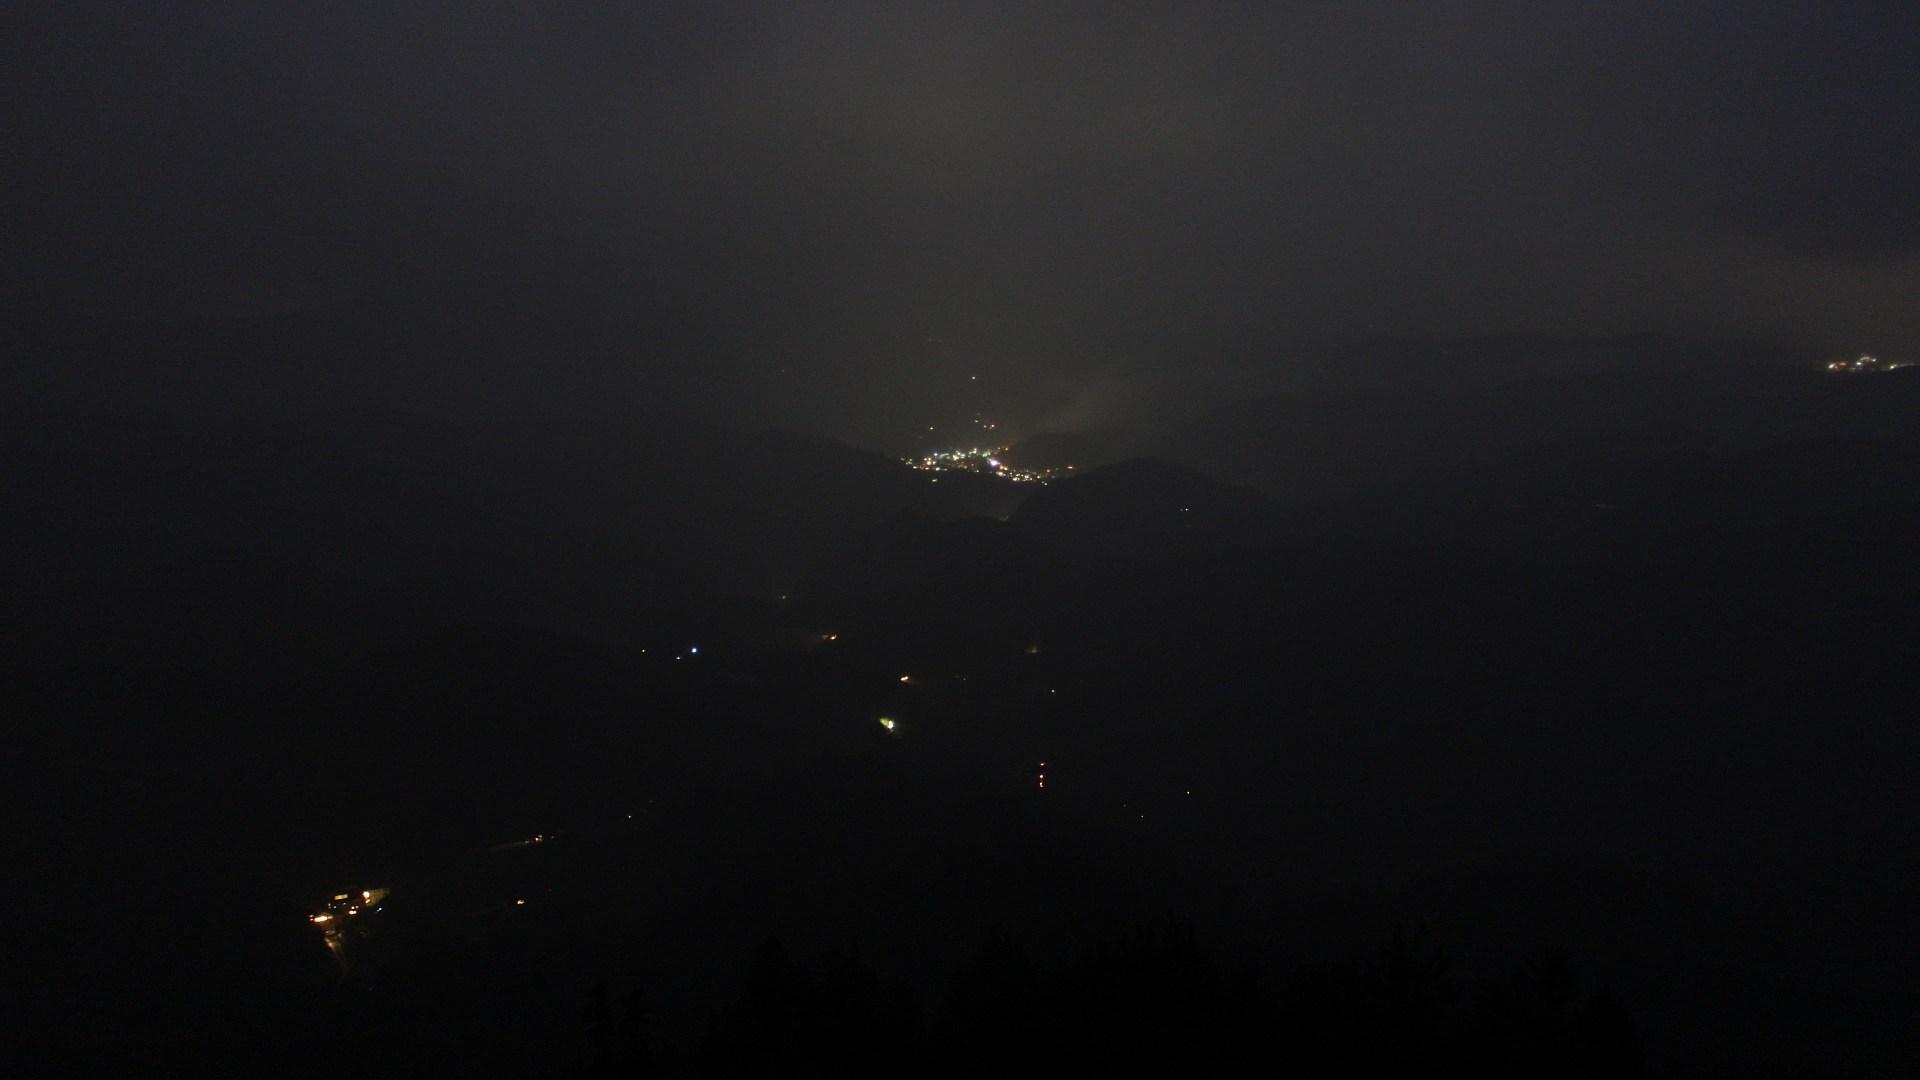 Aufnahme: Buchkopfturm vom 24.09.2020 20:20